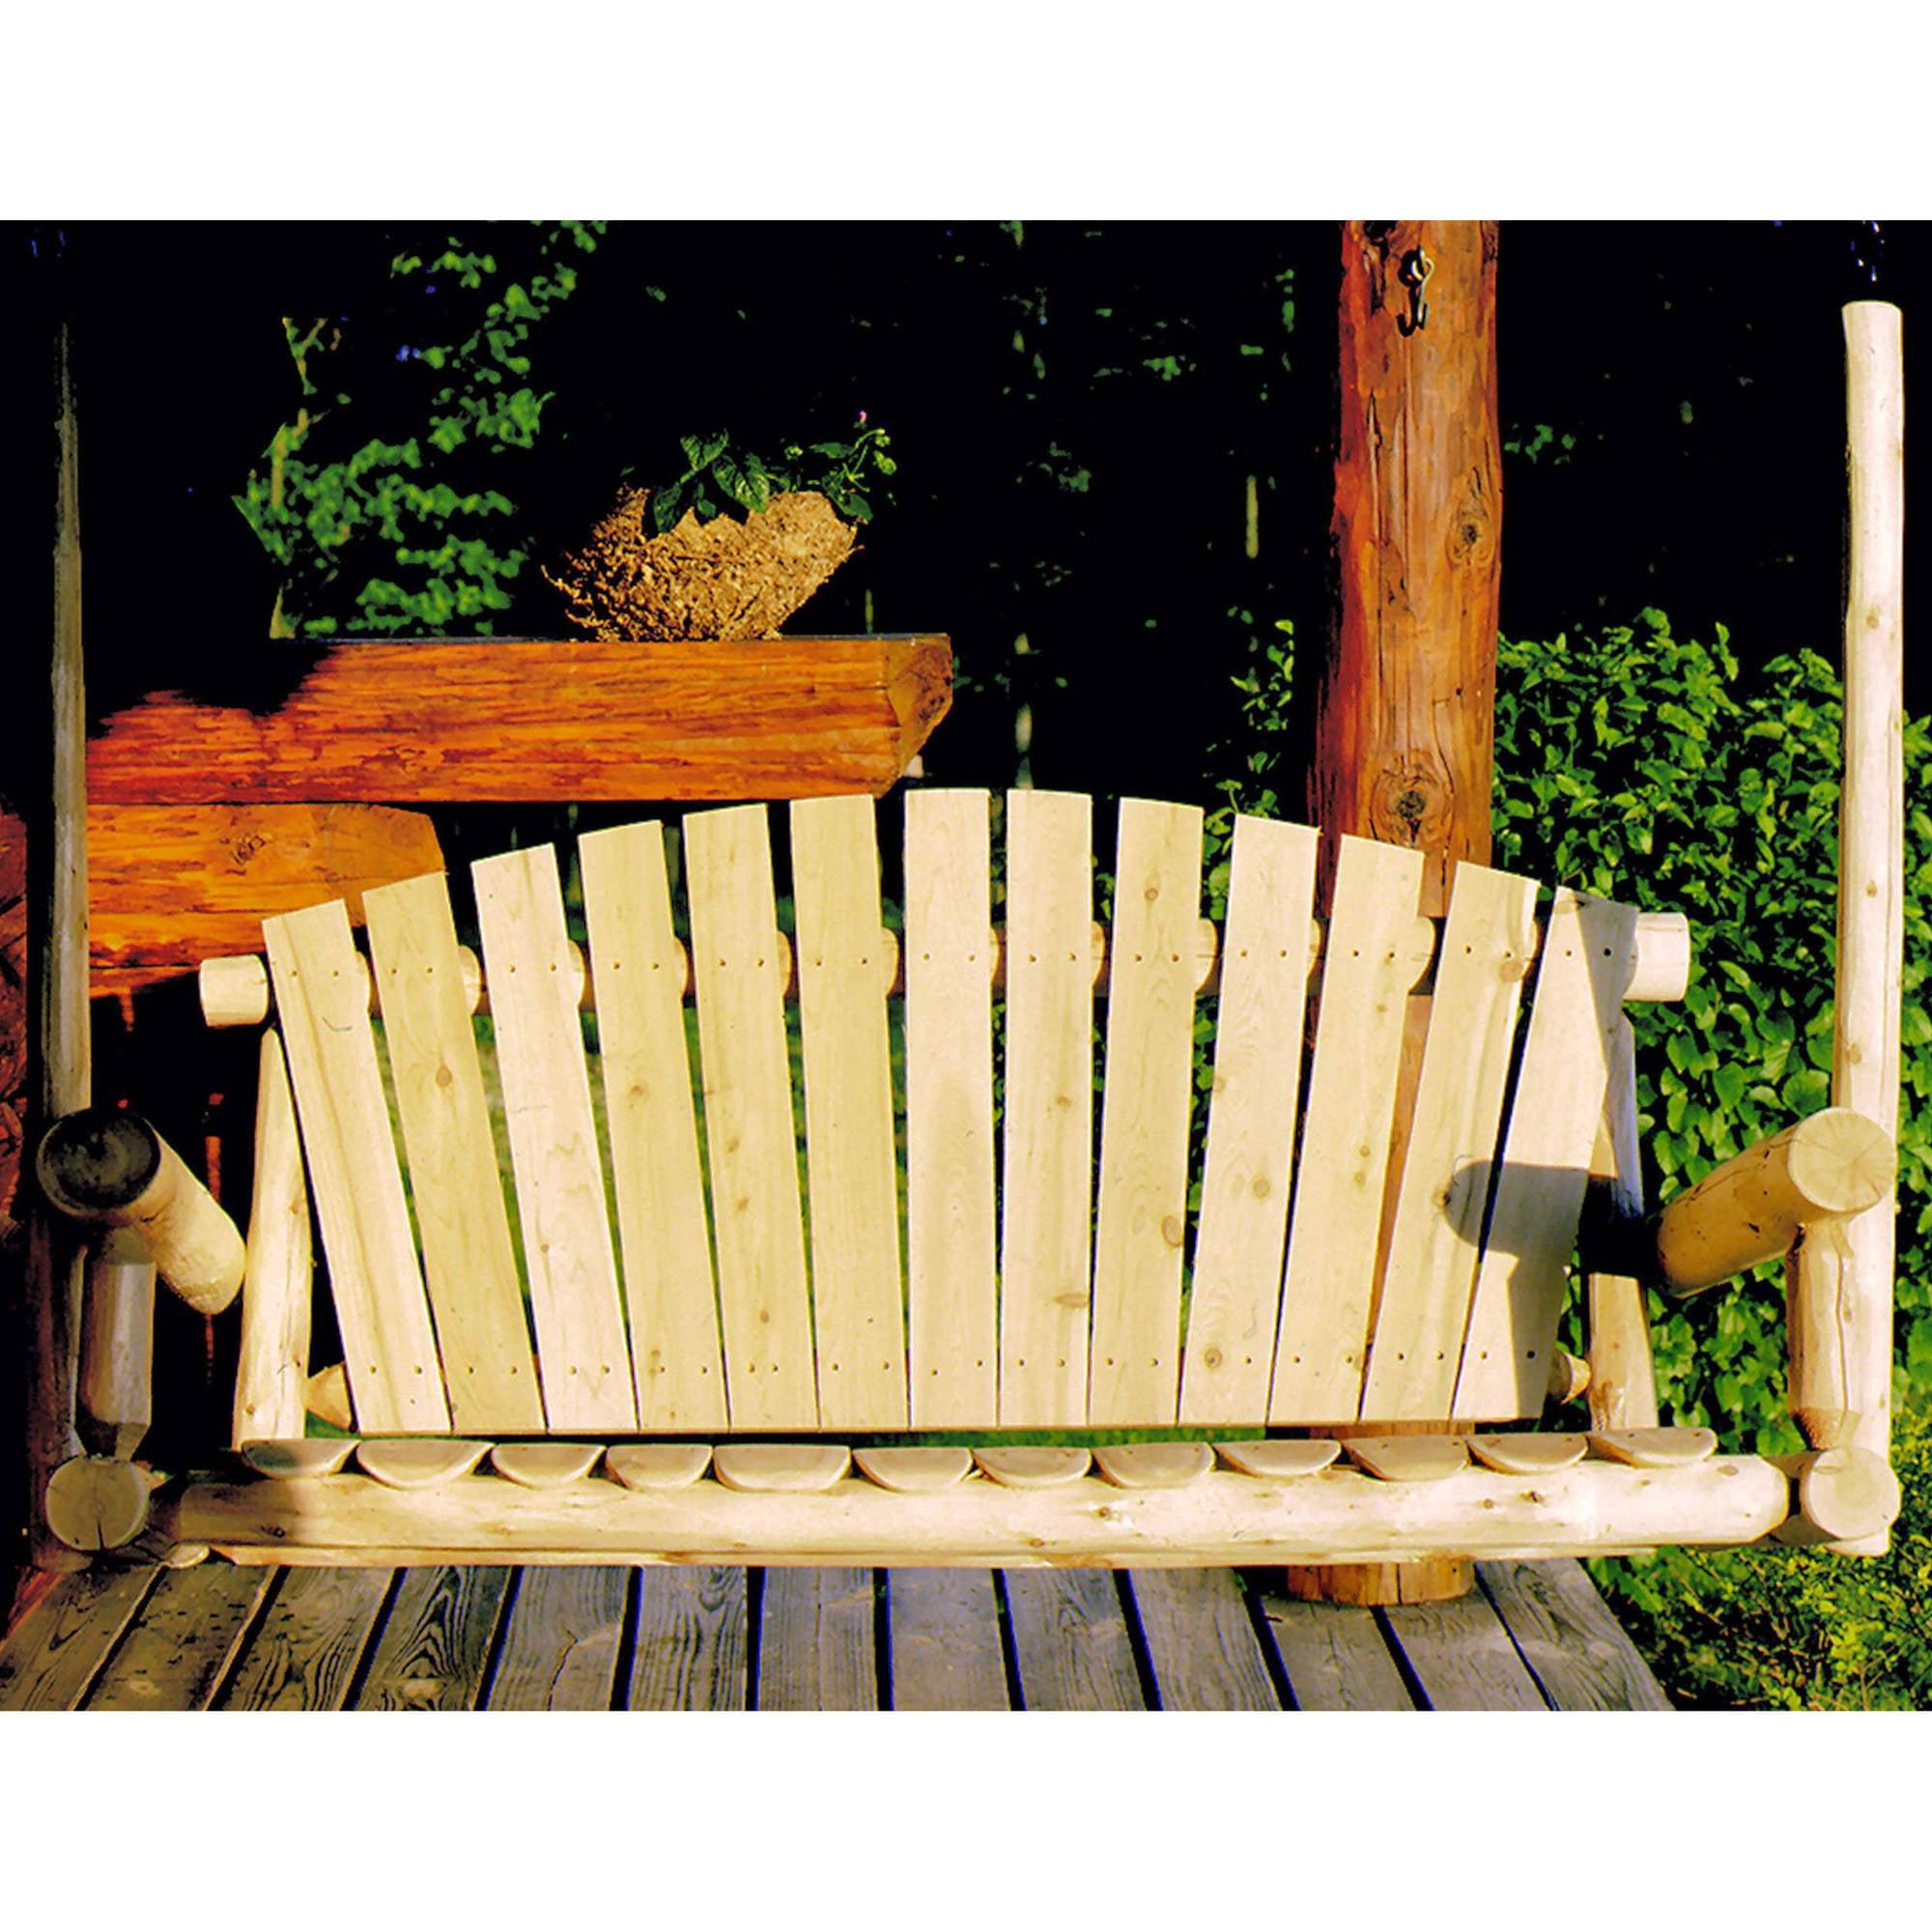 Lakeland Mills 5' Porch Swing by Lakeland Mills